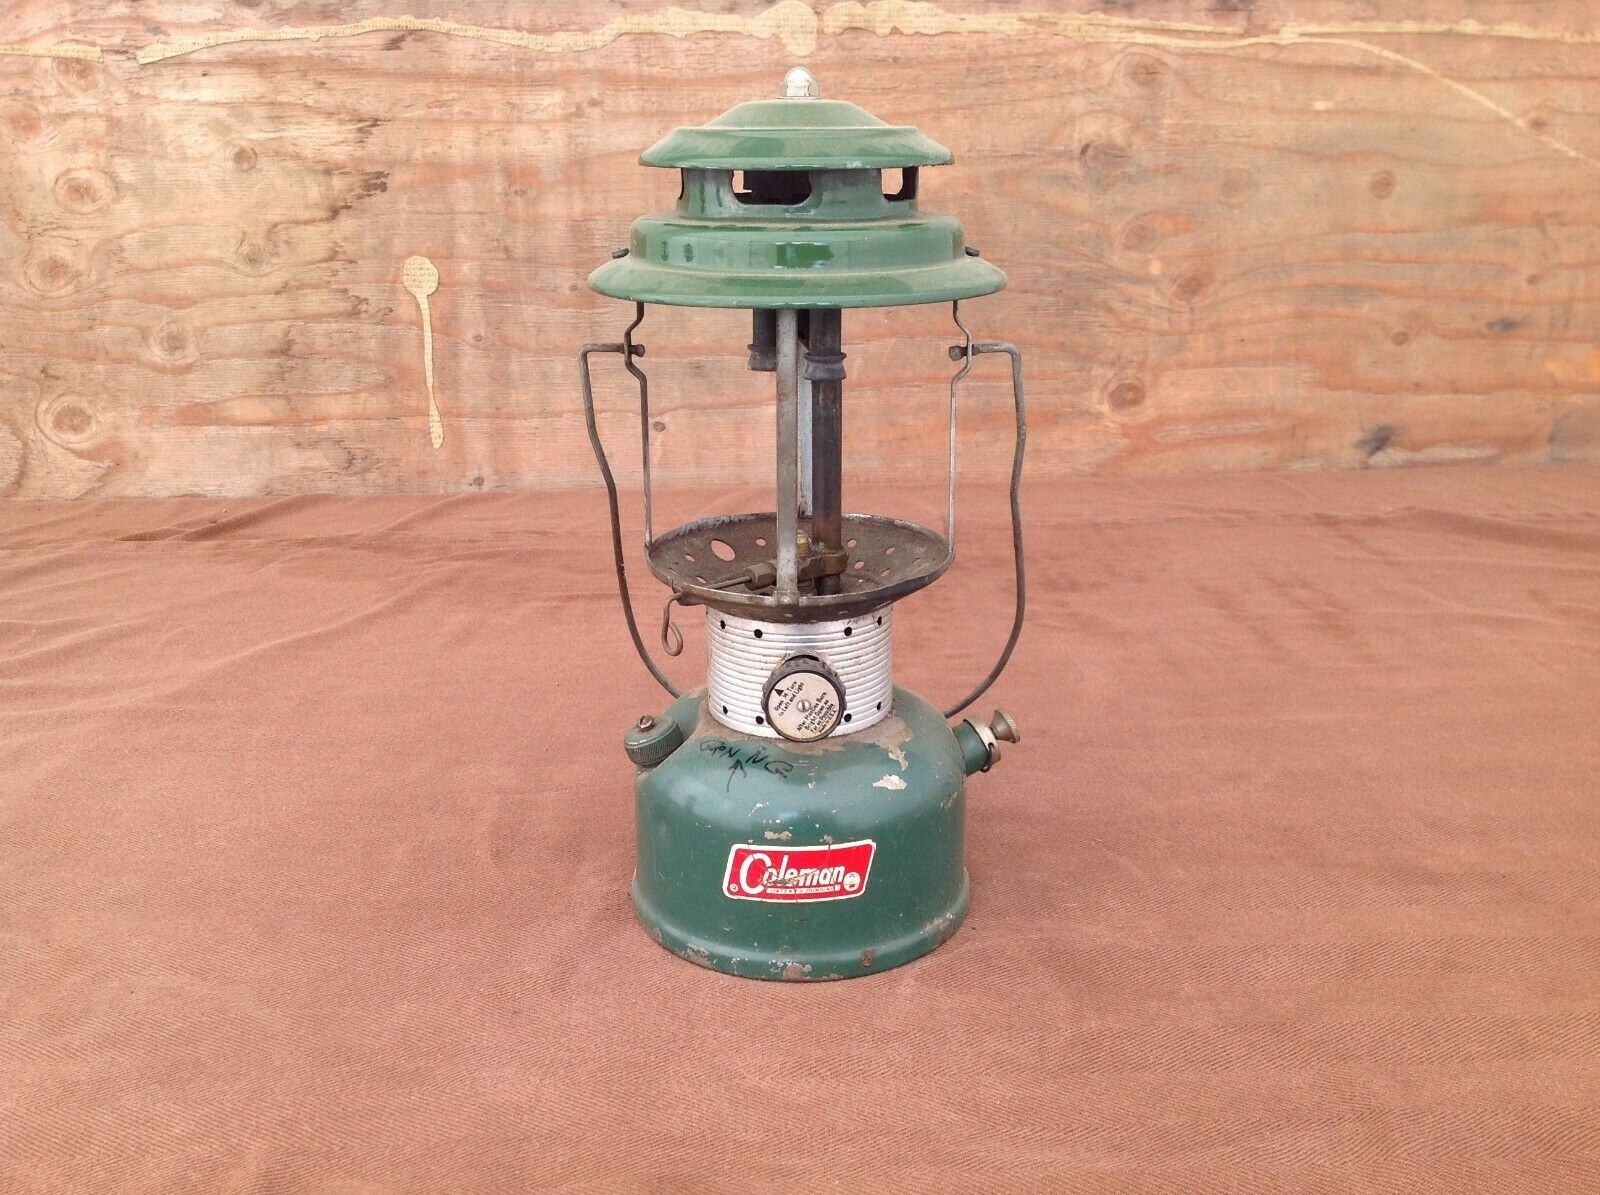 1967 Coleman Double Mantle 220F Lantern